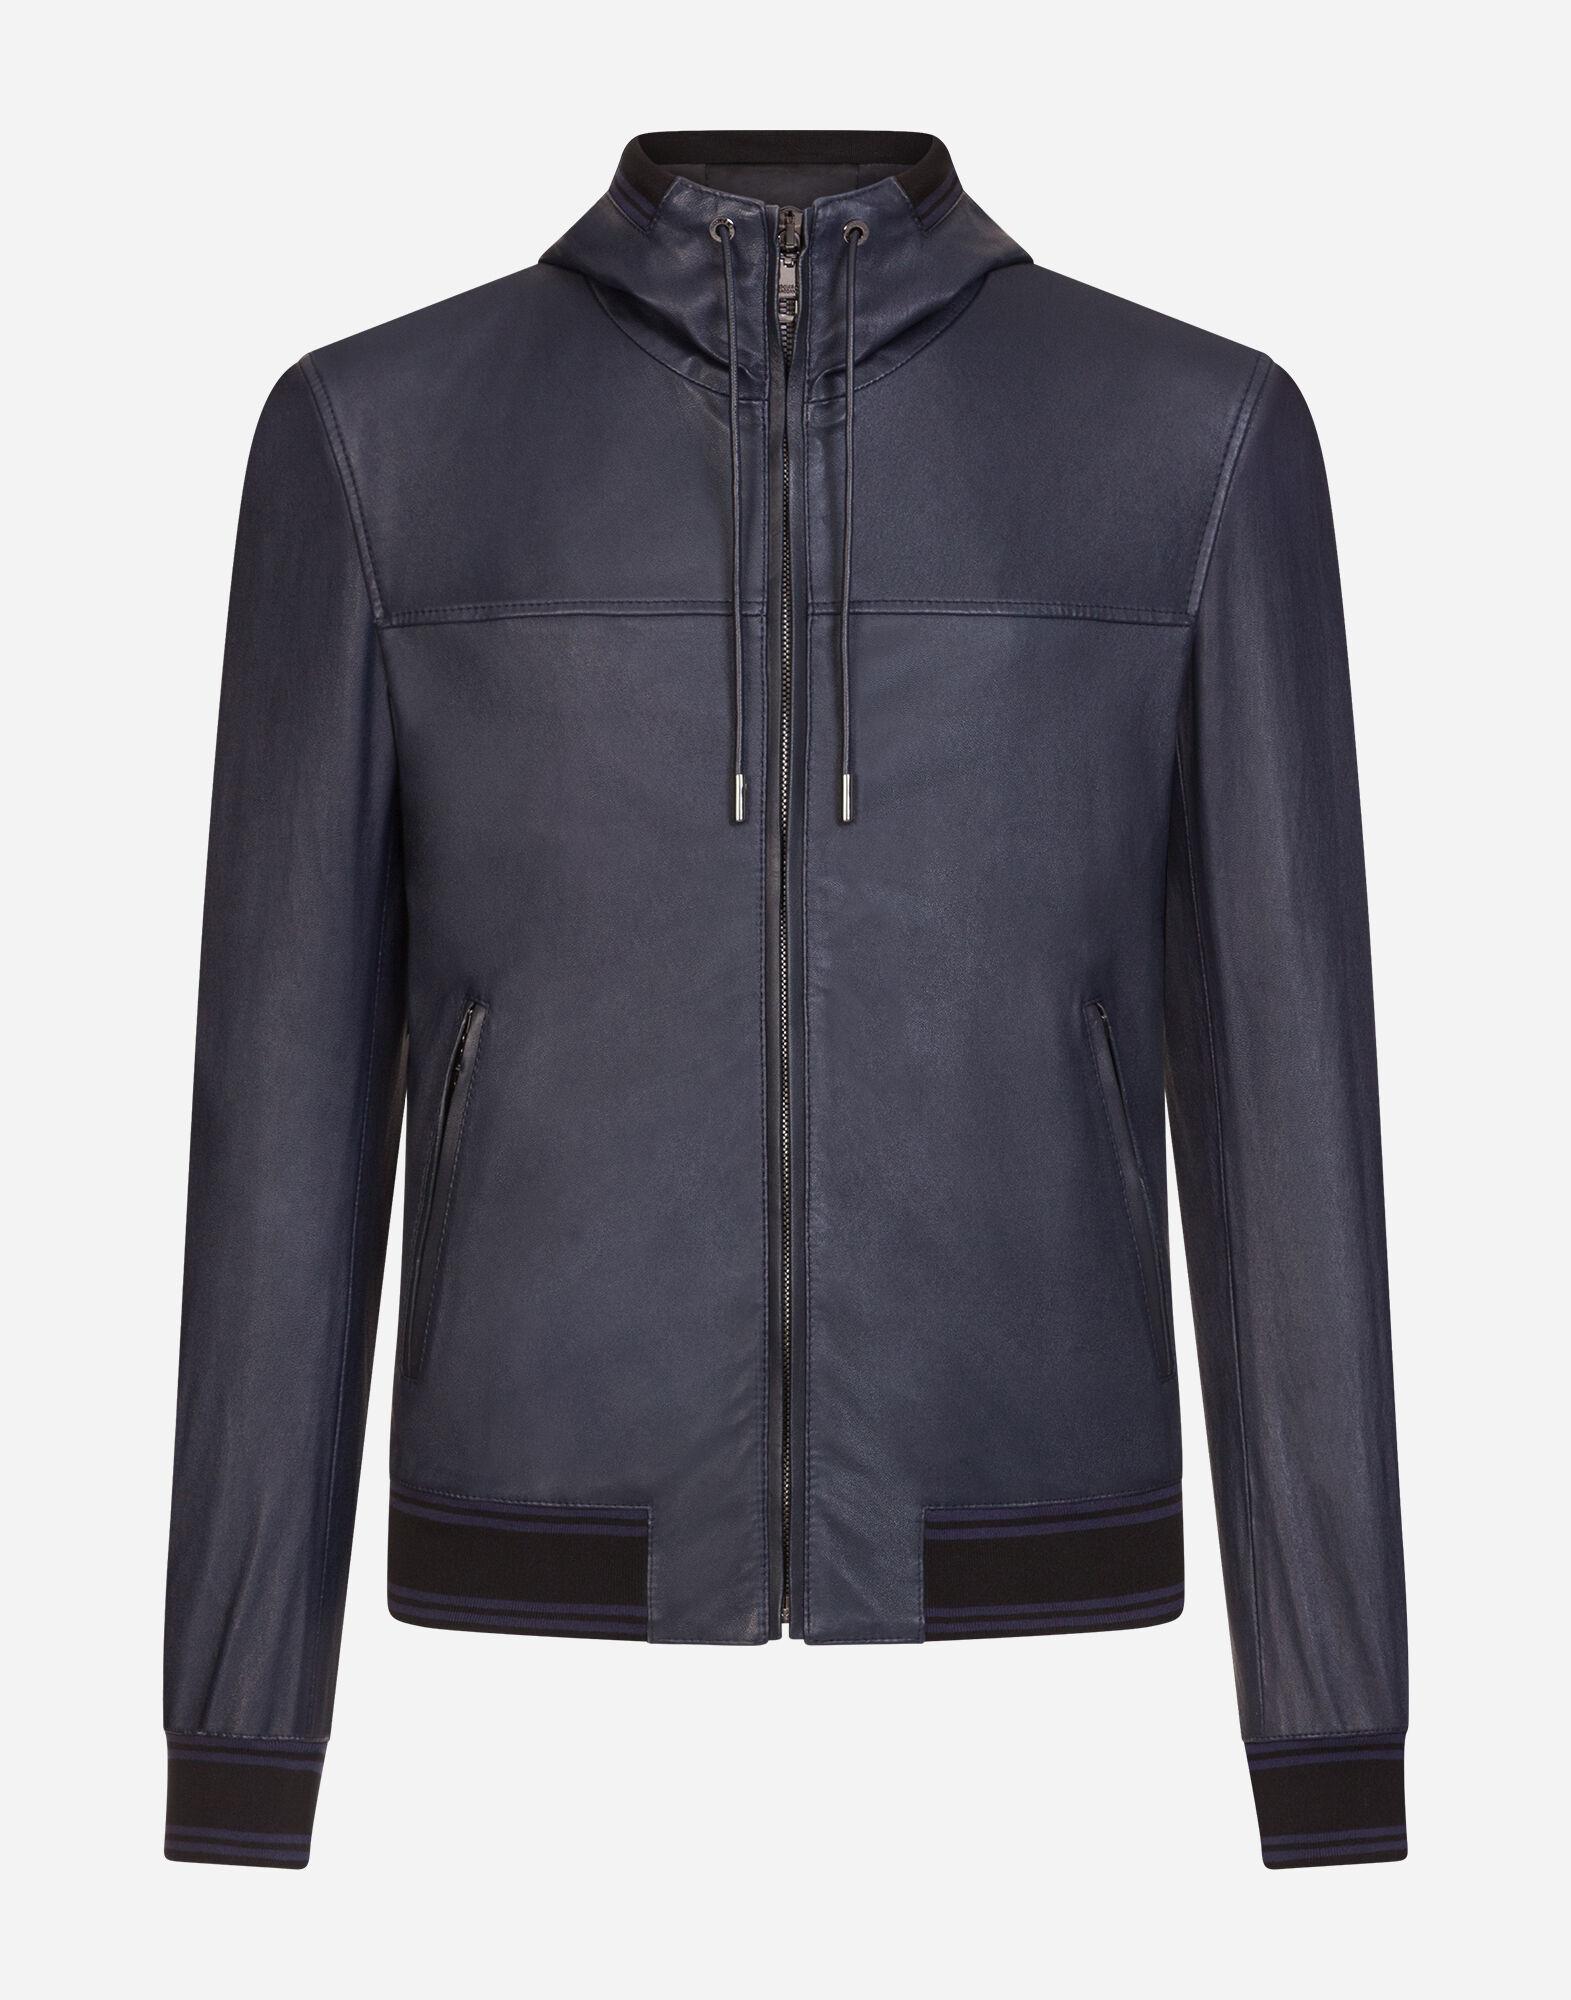 Vestes et Blousons en cuir Homme | Dolce&Gabbana VESTE À CAPUCHE EN CUIR